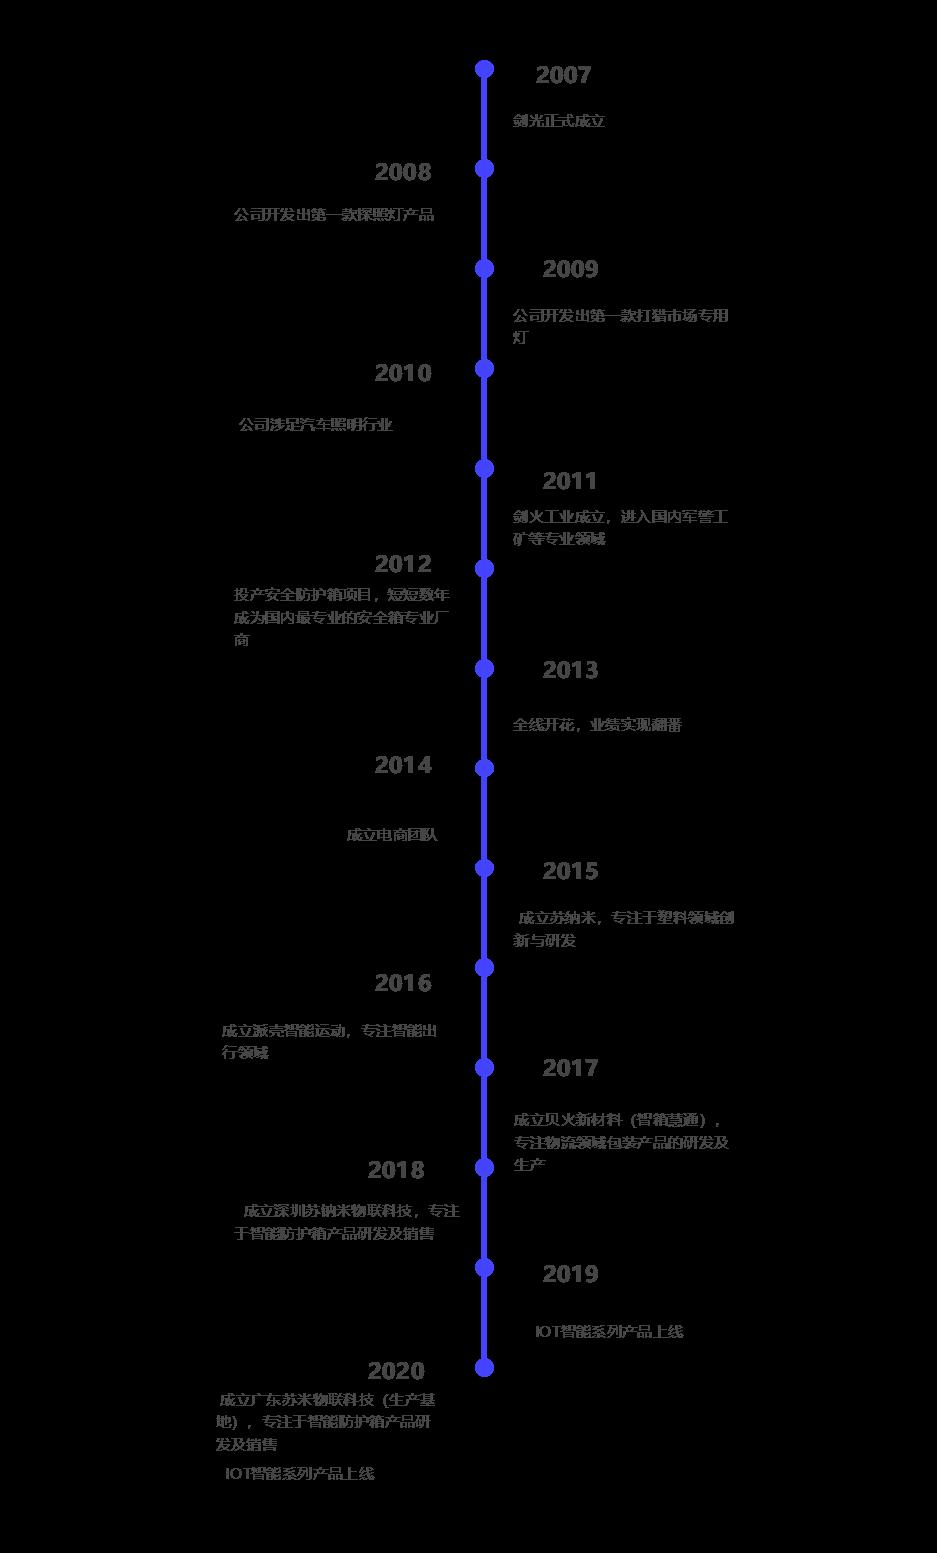 发展路线图